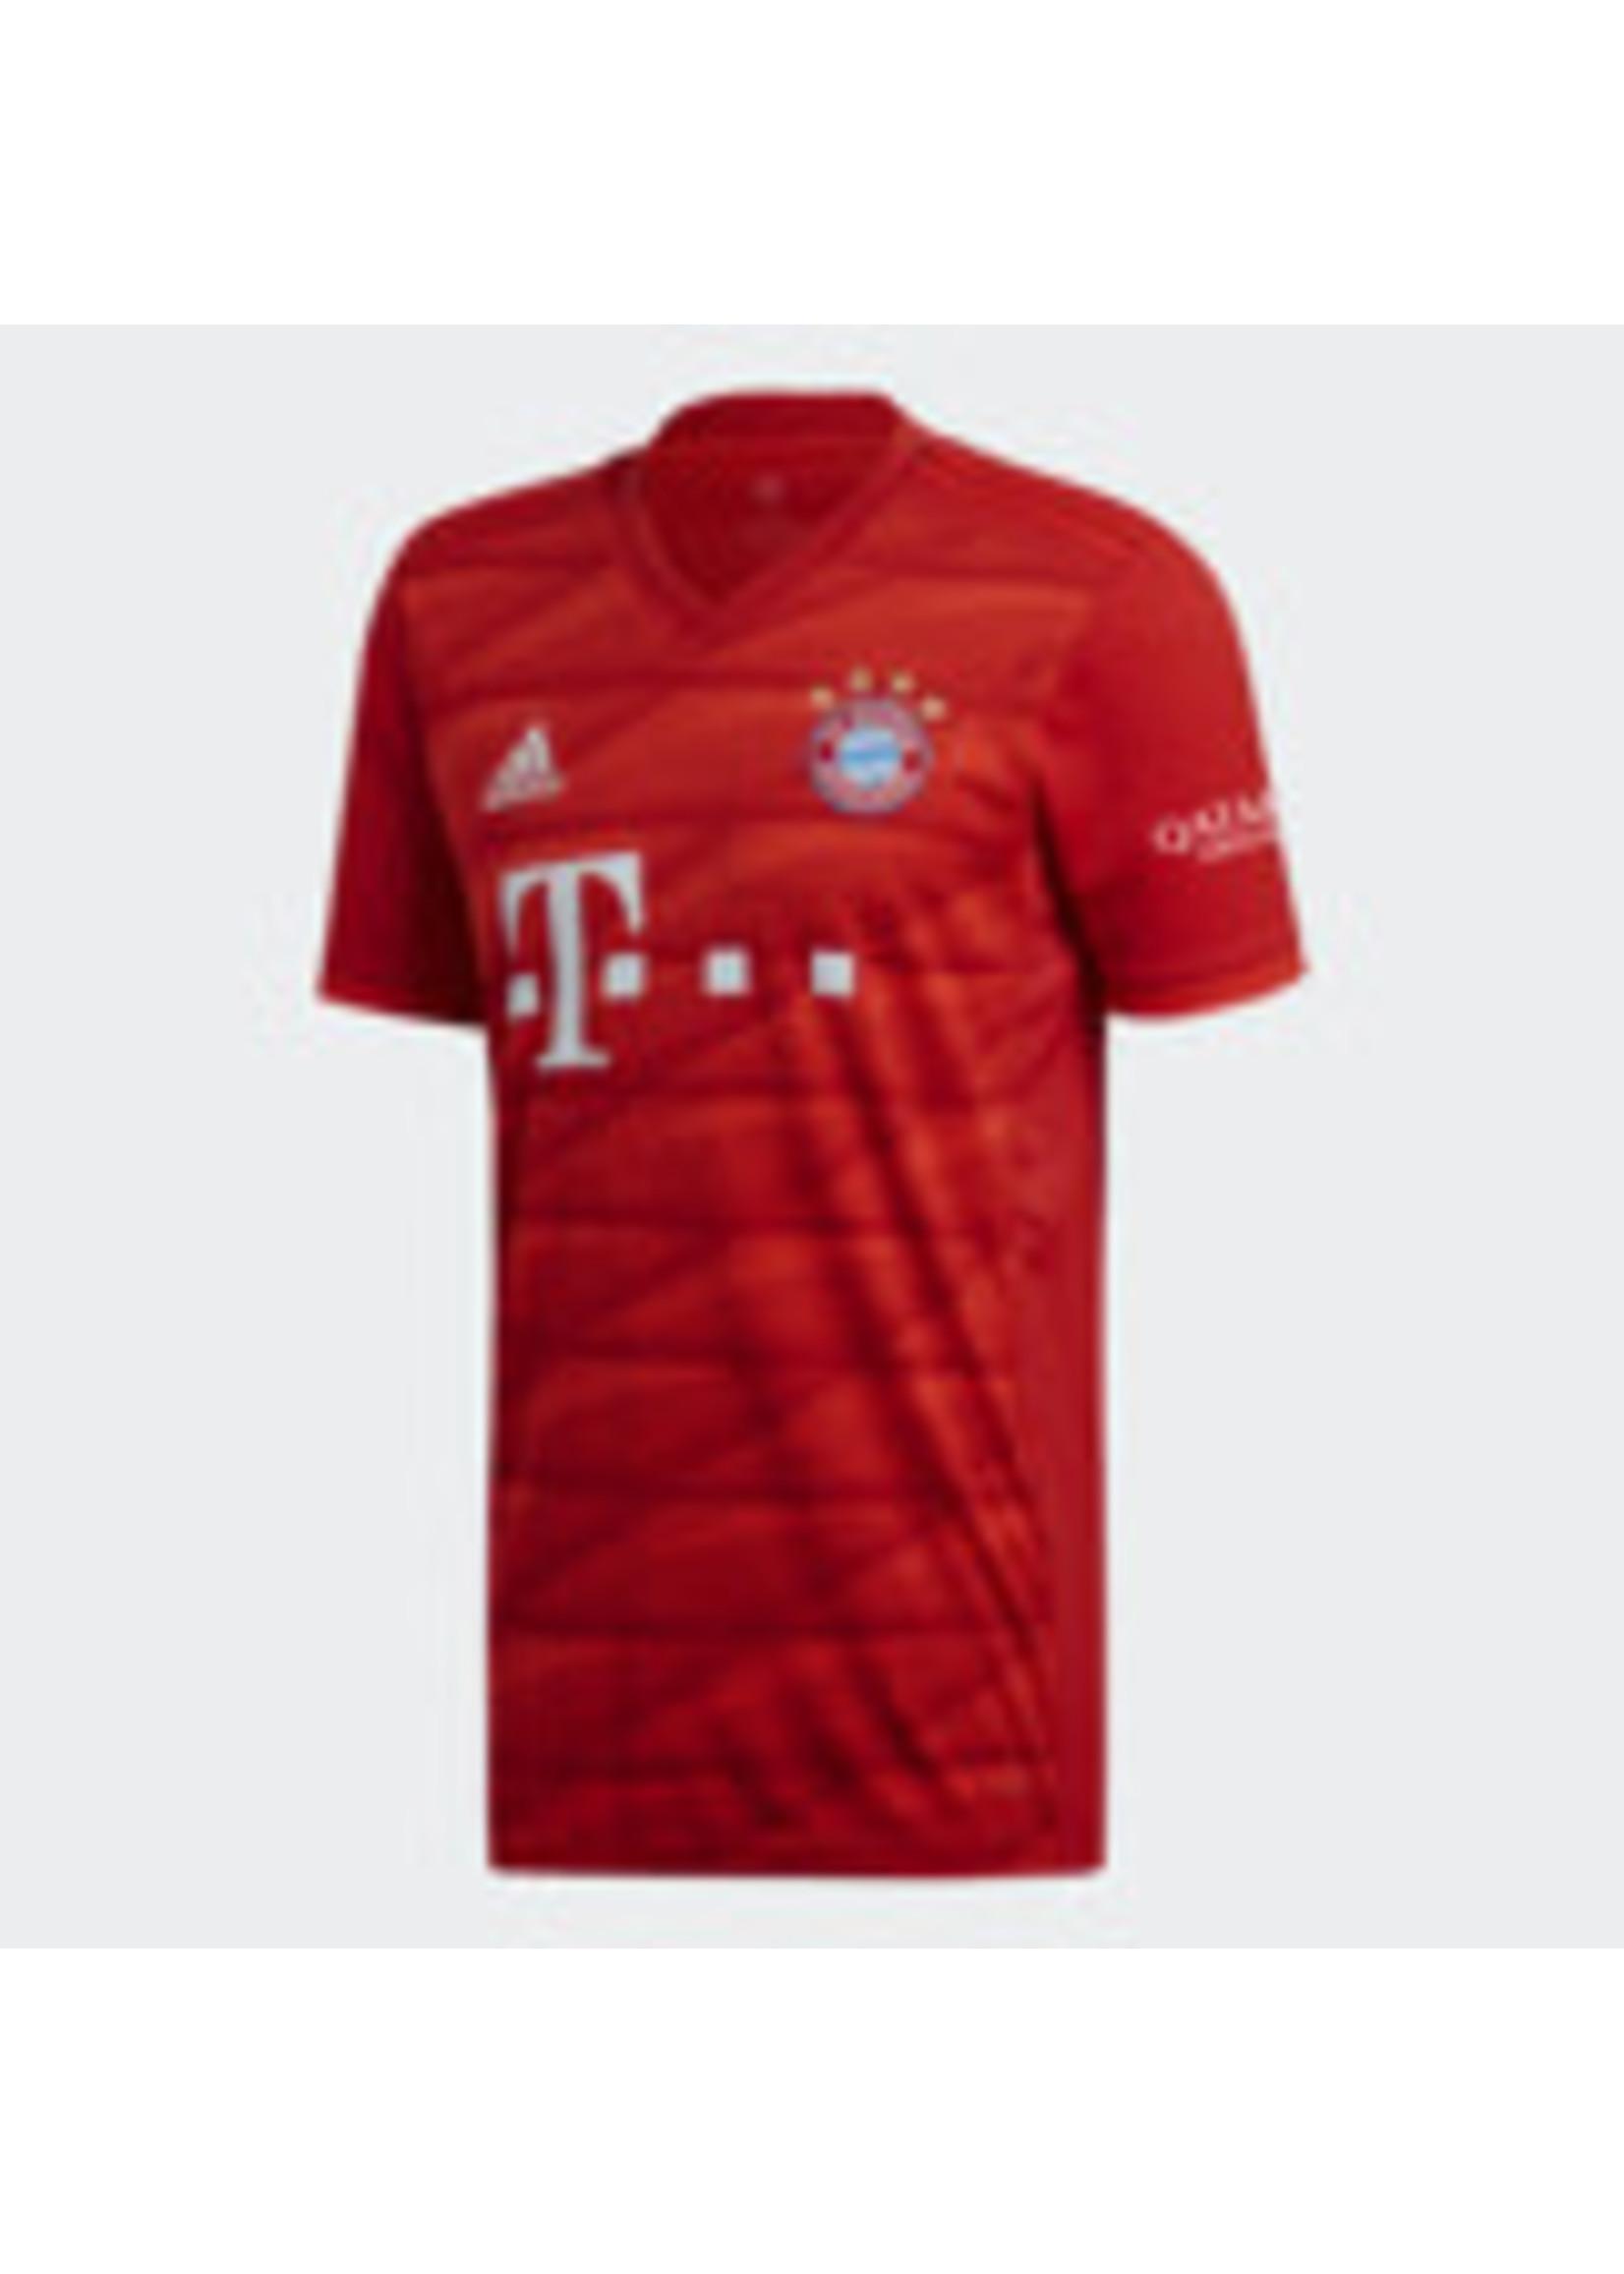 Adidas Bayern Munich 19/20 Home Jersey Adult